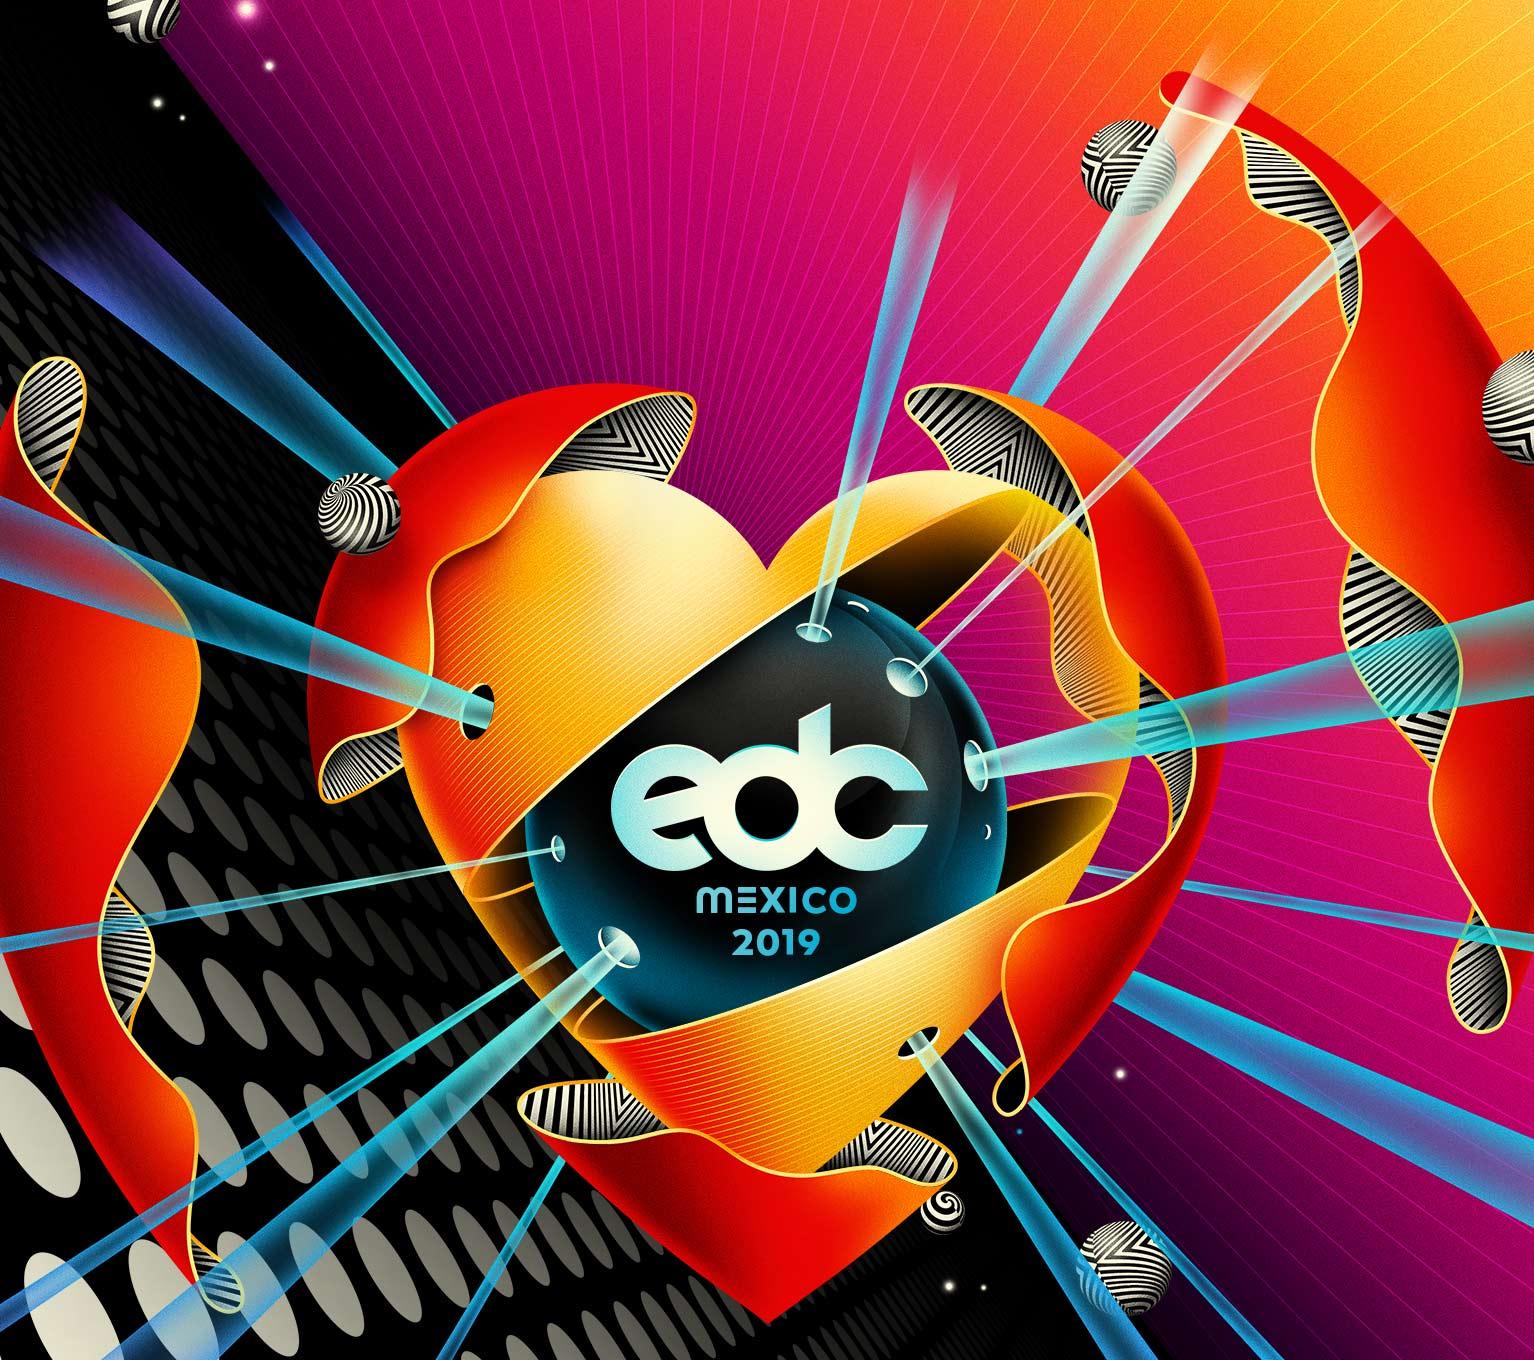 EDC Mexico 2019